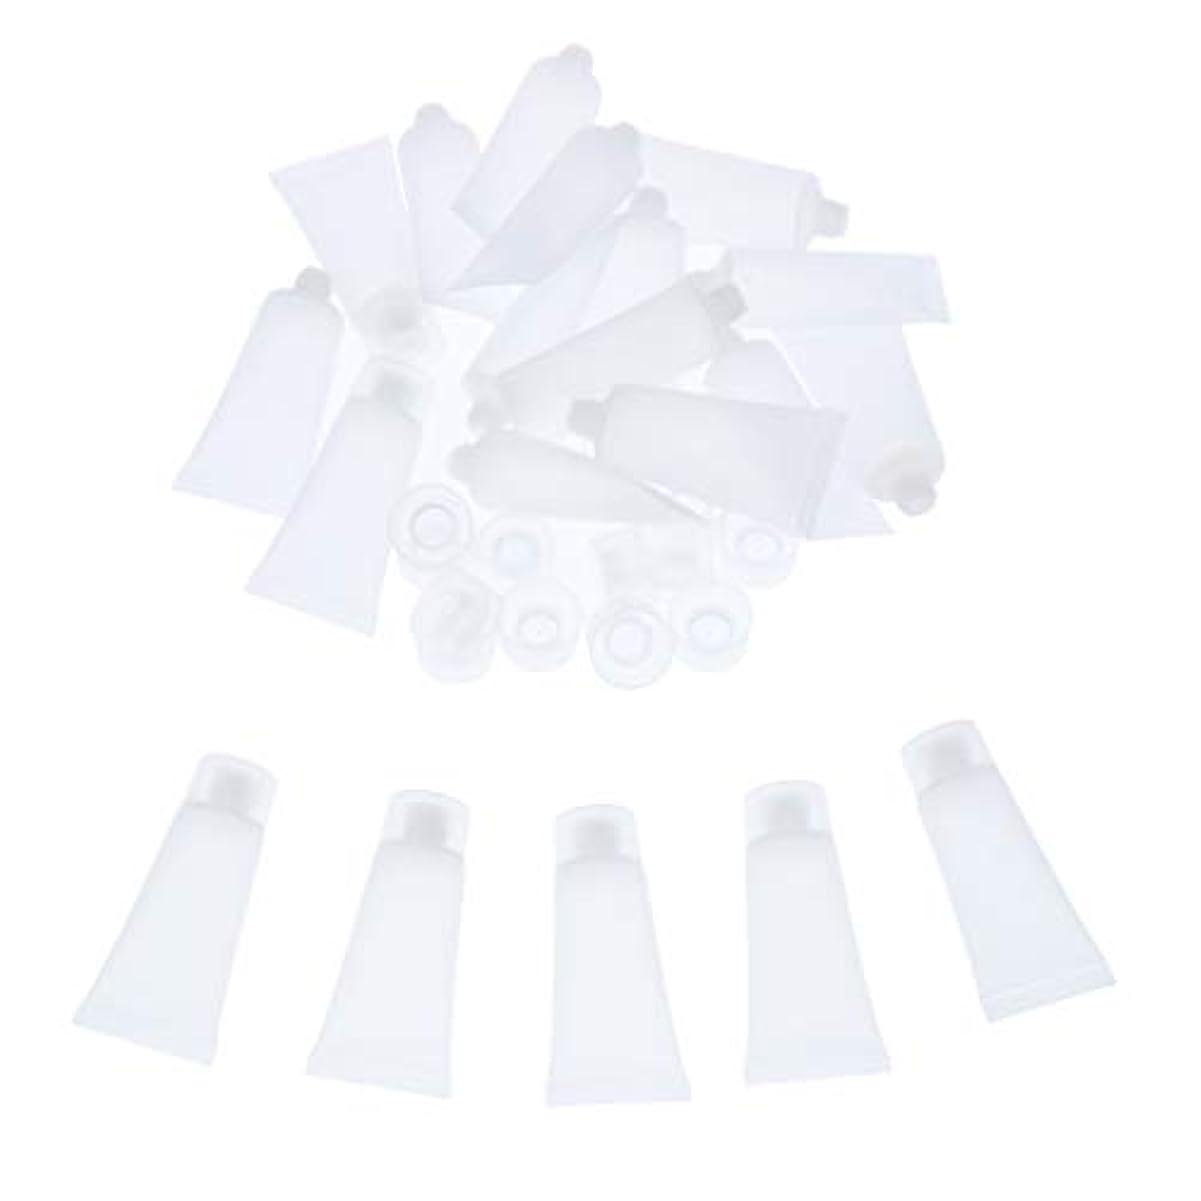 建設ケージ芝生SM SunniMix クリーム チューブ 詰め替え ローション チューブ プラスチック素材 約20個入り 全4サイズ